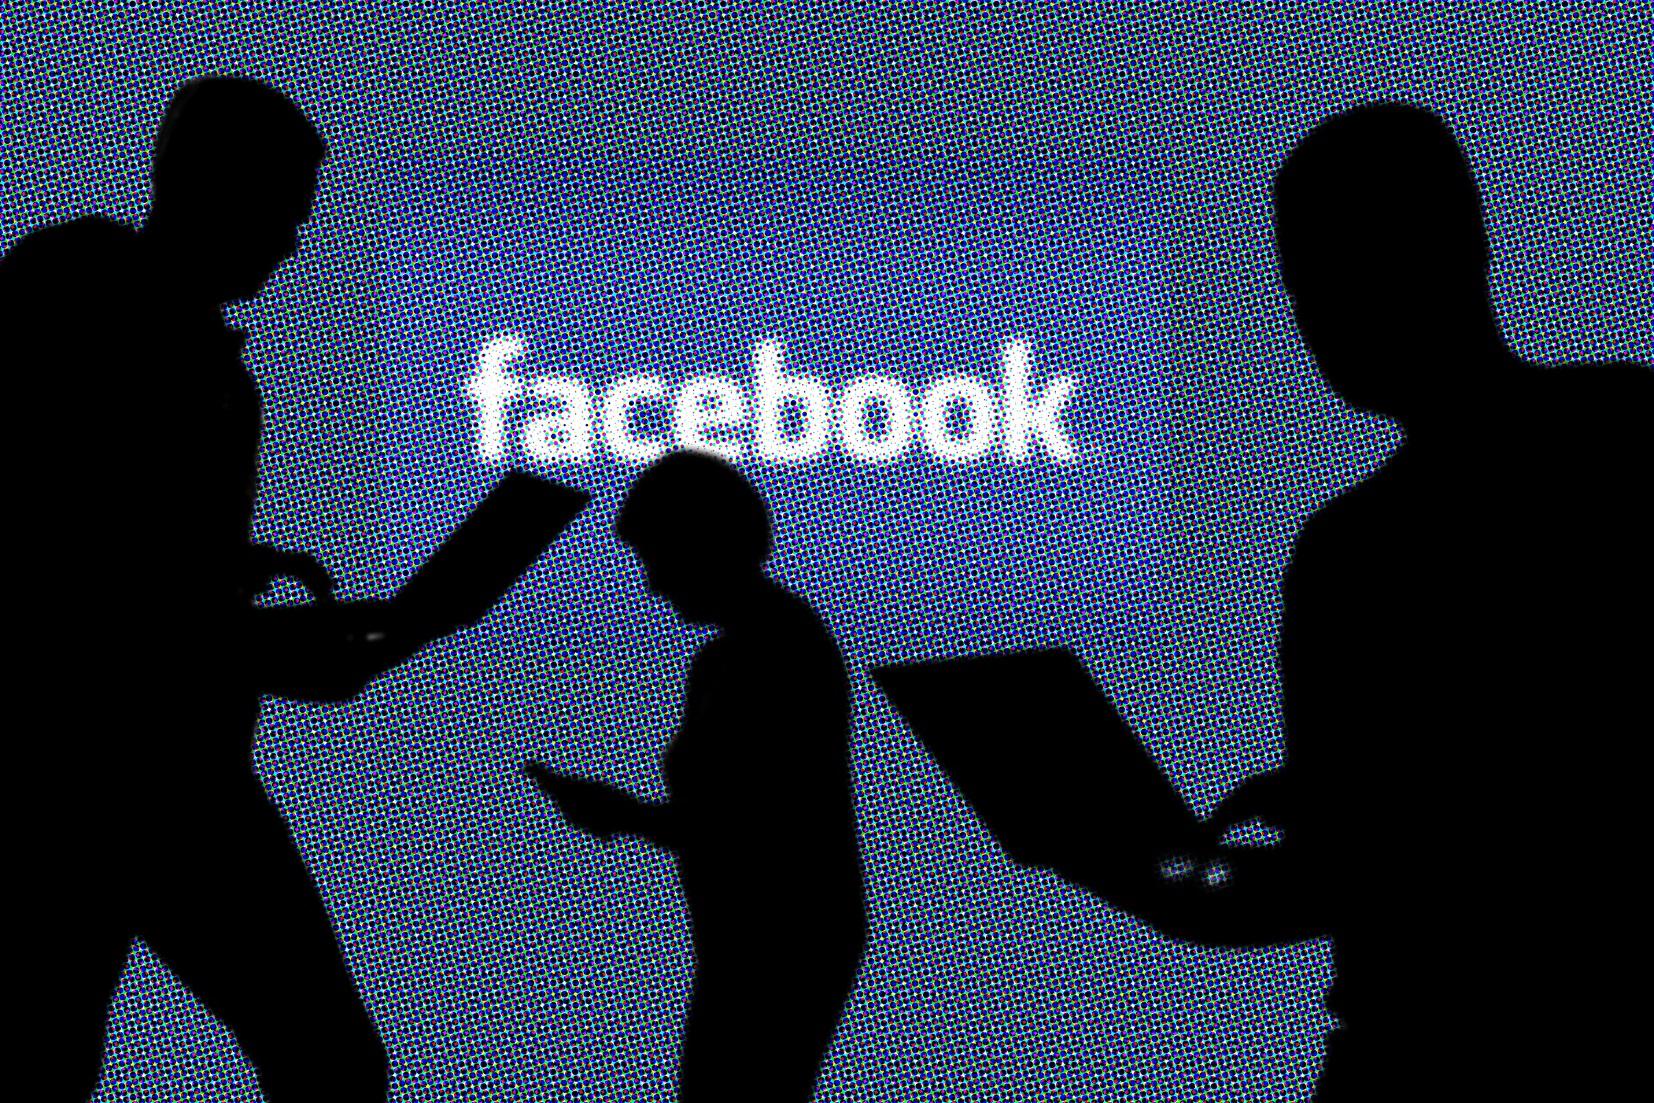 Segundo os autores, o Facebook perdeu o controle, não como negócio, que vai bem, mas das suas consequências. Foto FrankHoermann / SVEN SIMON / SVEN SIMON / DPA